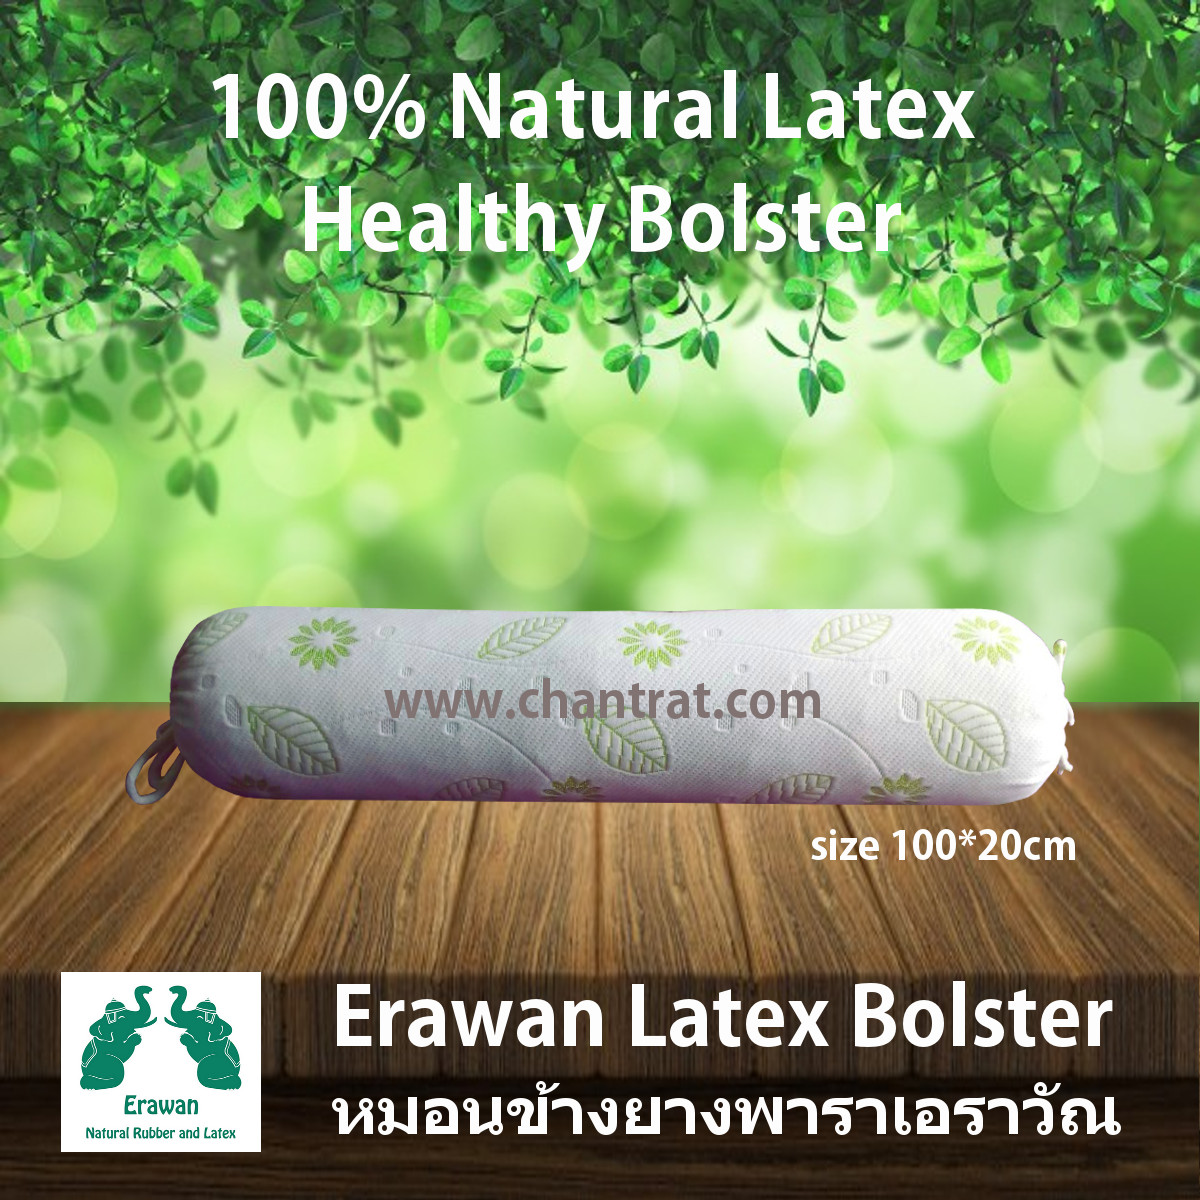 หมอนข้างยางพารา (100% Natural Latex Bolster) ปลอกหมอนข้างสีขาว ลายเขียว